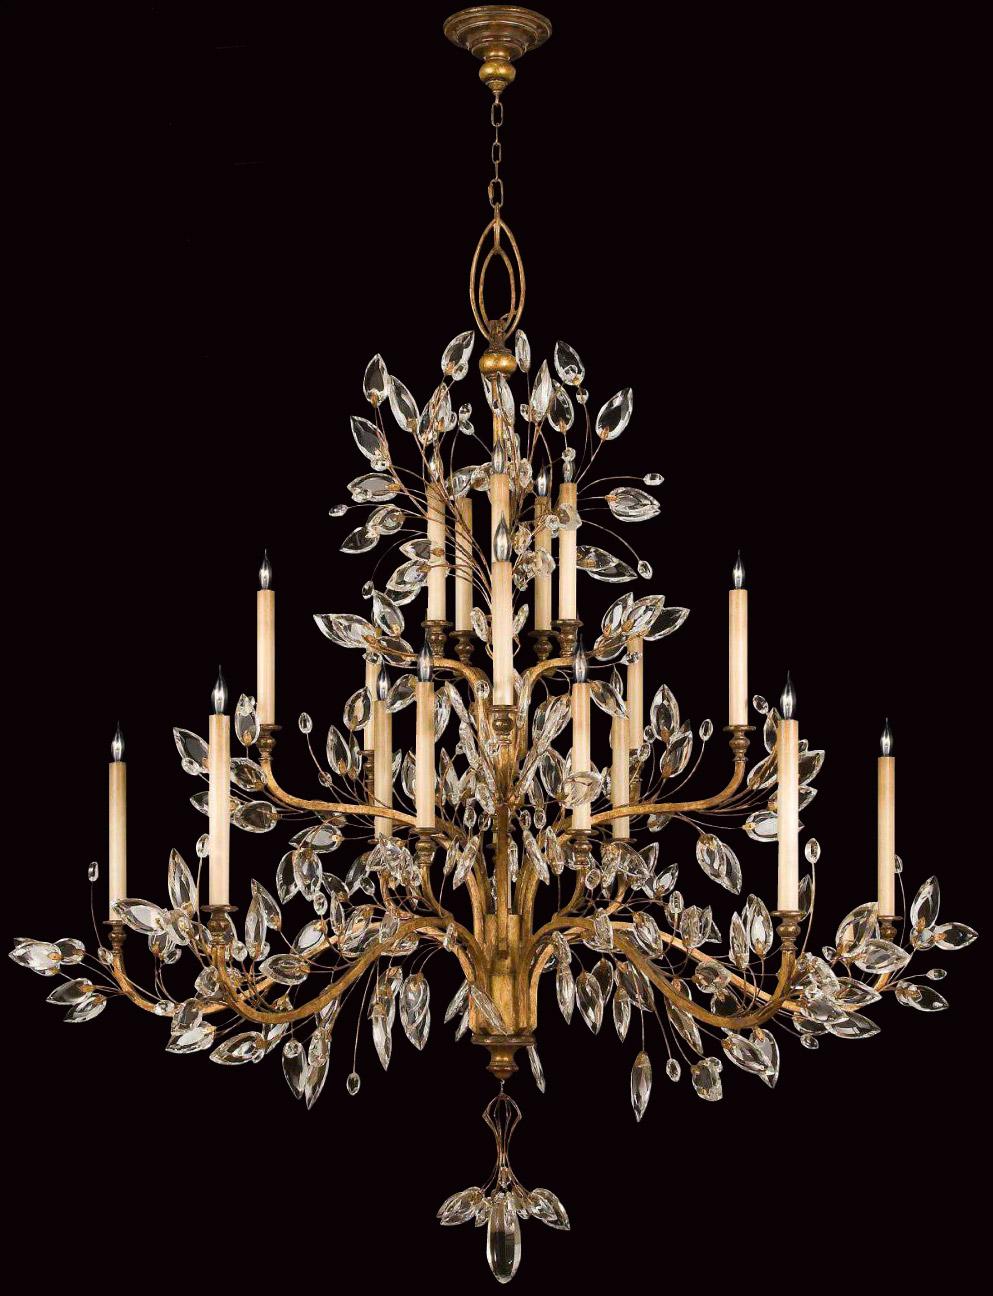 Art lamps 774540 crystal crystal laurel gold grand chandelier fine art lamps 774540 crystal crystal laurel gold grand chandelier aloadofball Images